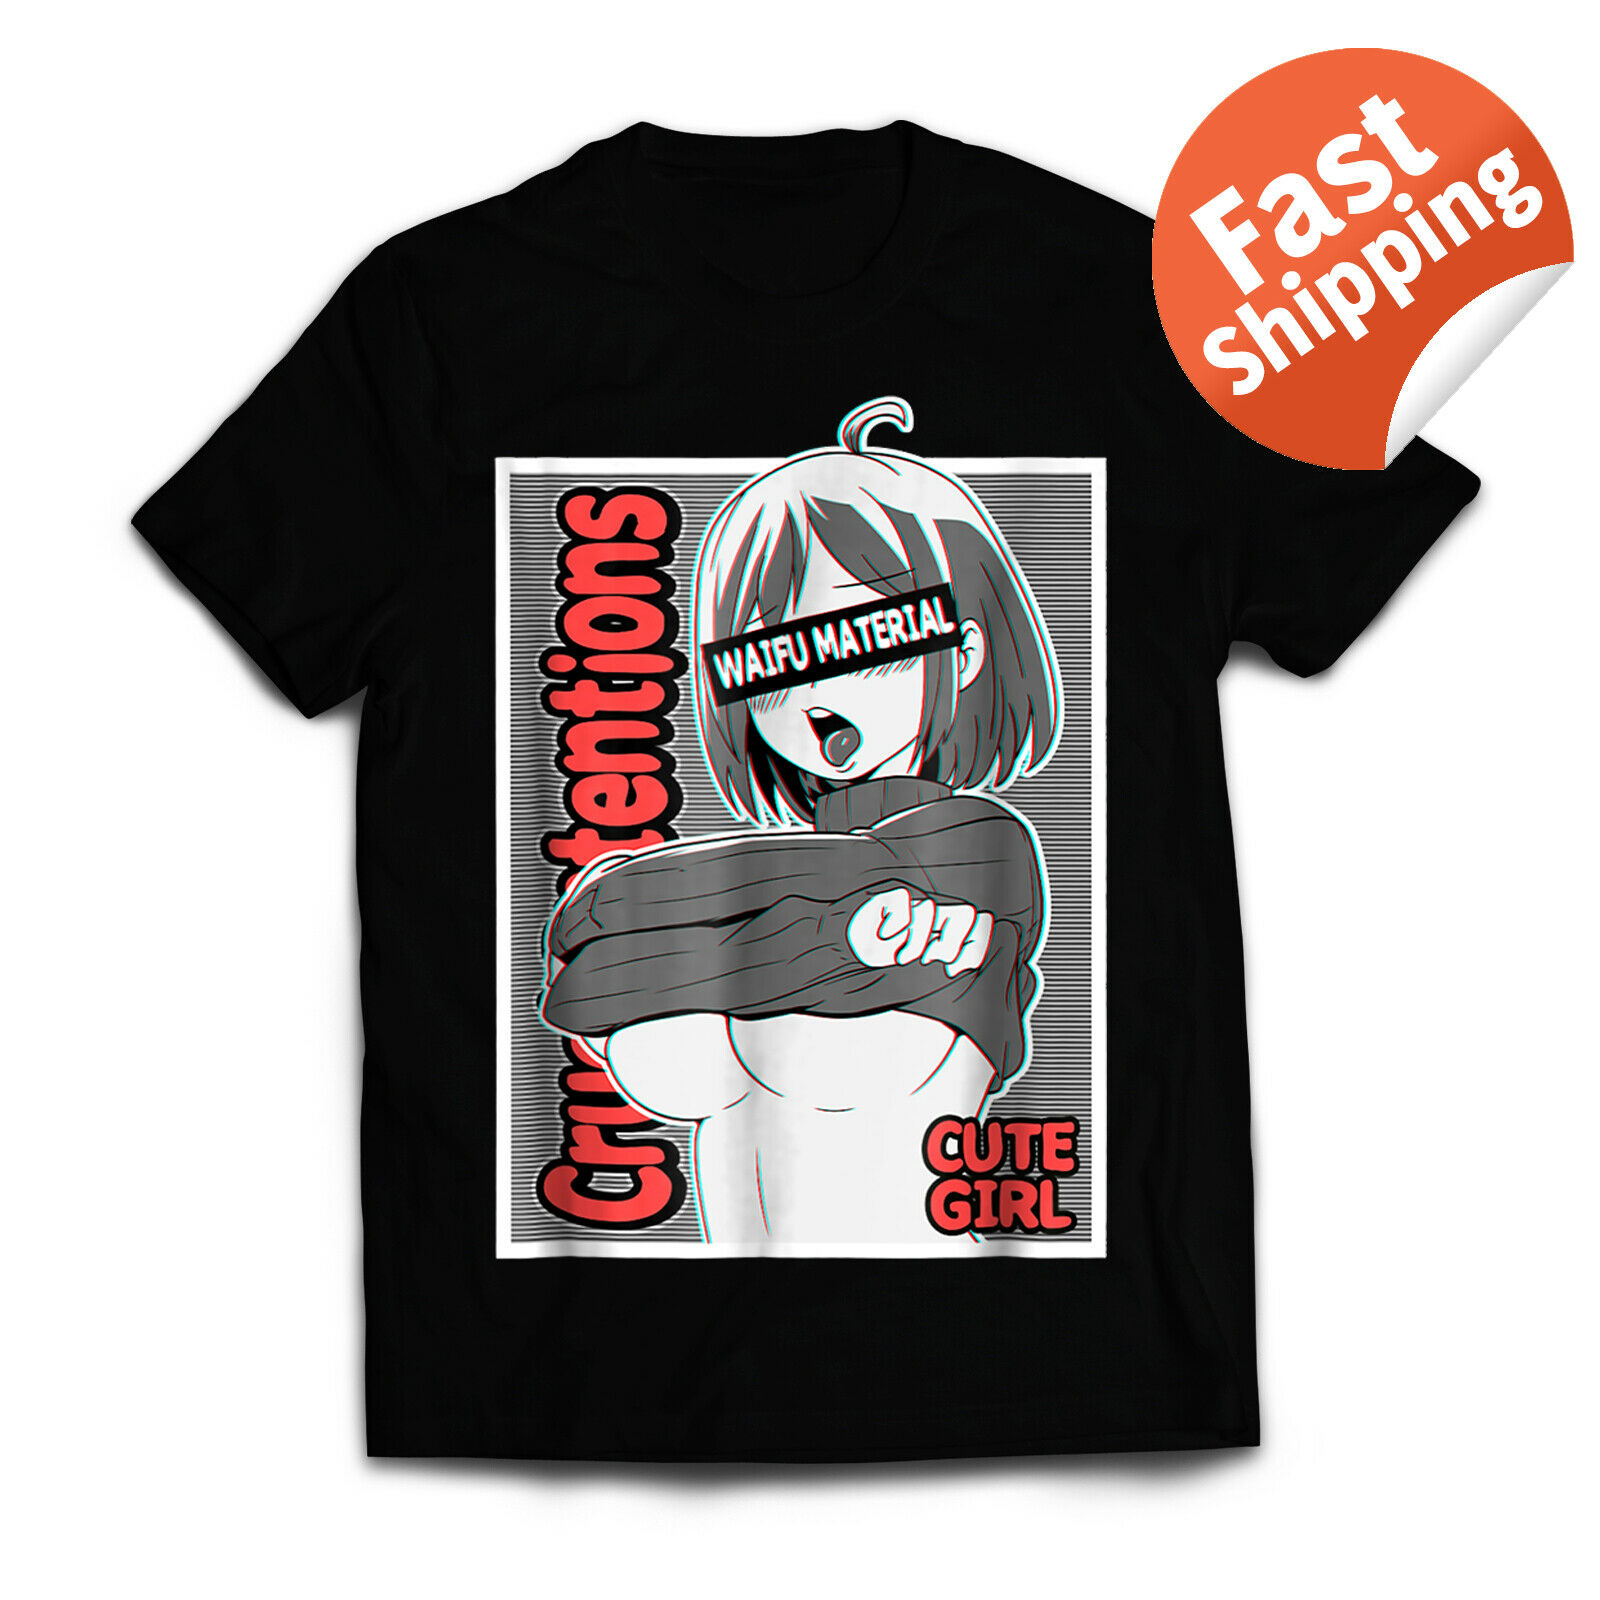 Anime Girls T-Shirt Ecchi Waifu Material, Lewd Otaku 100 % Cotton T Shirt For Men Design Tops Harajuku Funny Tee Shirts